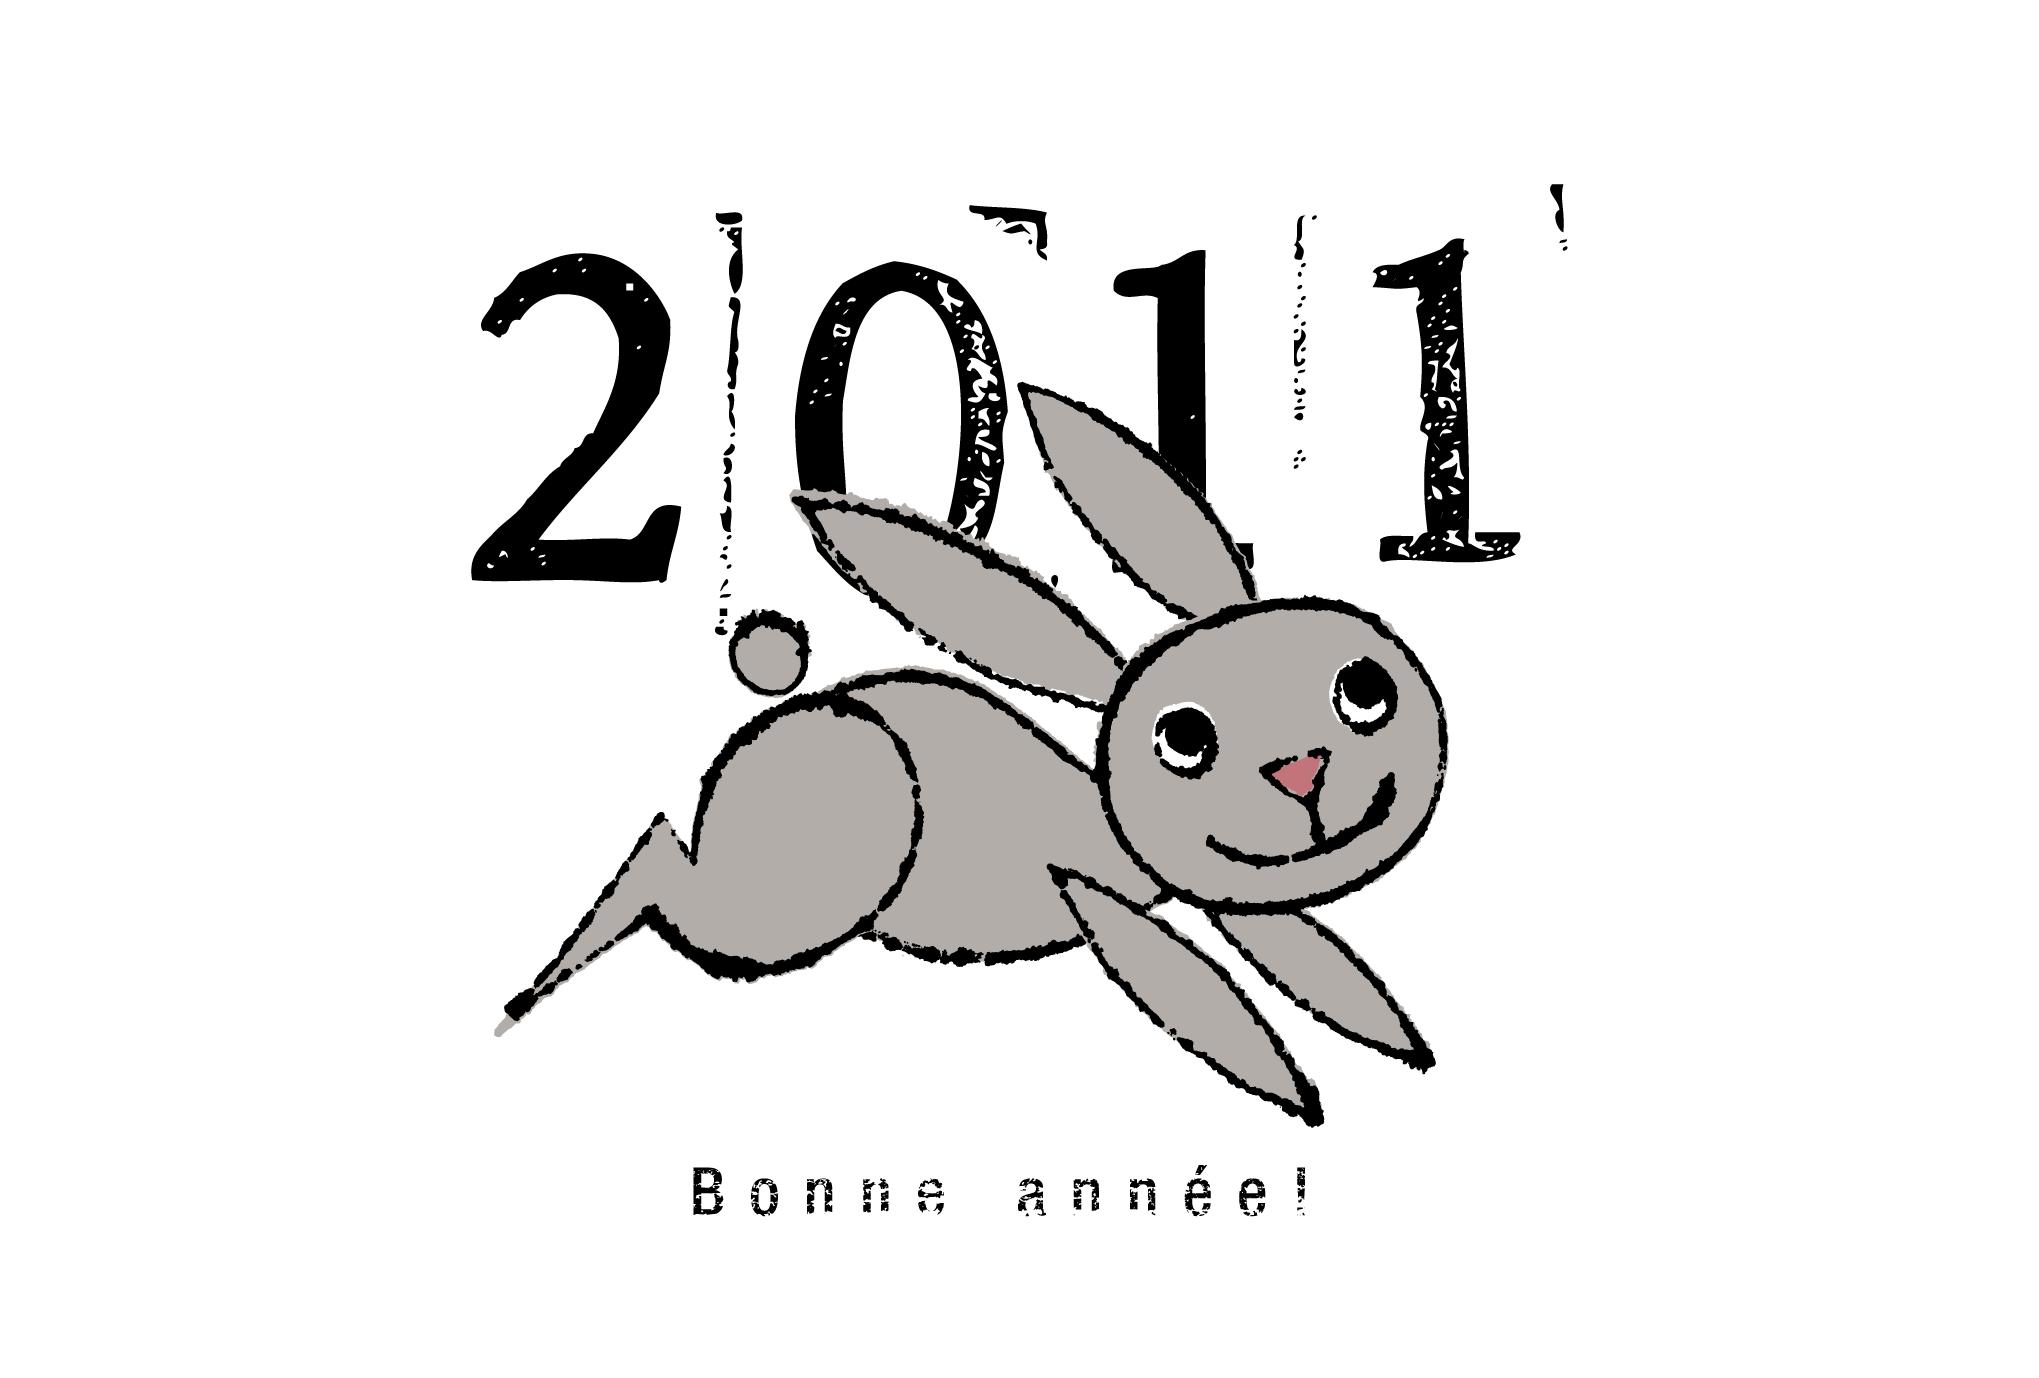 2011年賀状25:Gray rabbit running 2011のダウンロード画像